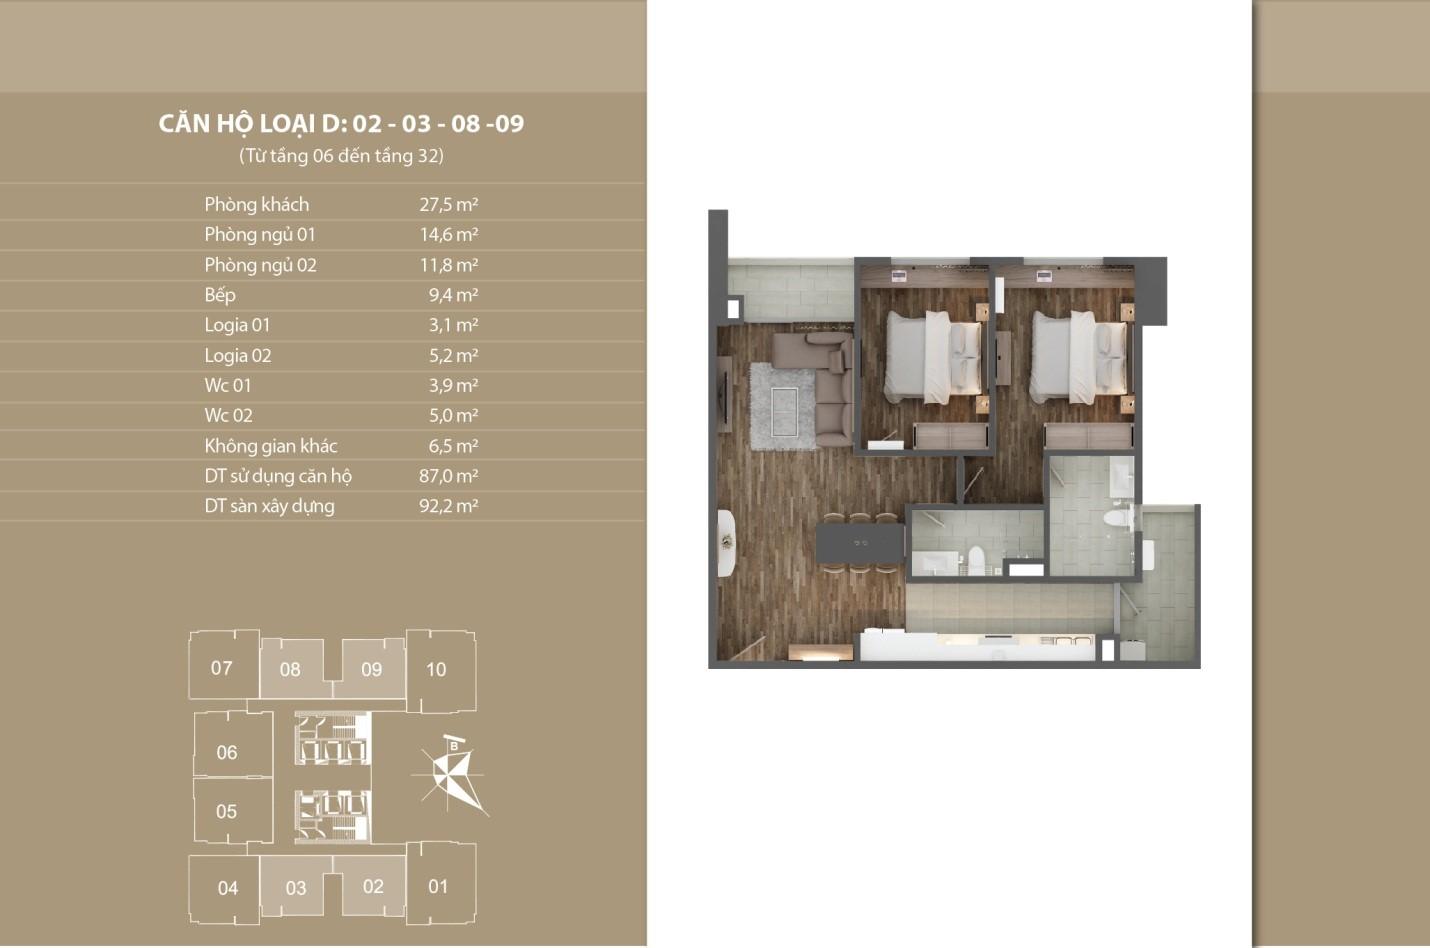 Thiết kế căn hộ 02 - 03 - 08 - 09 tầng 6 - 32